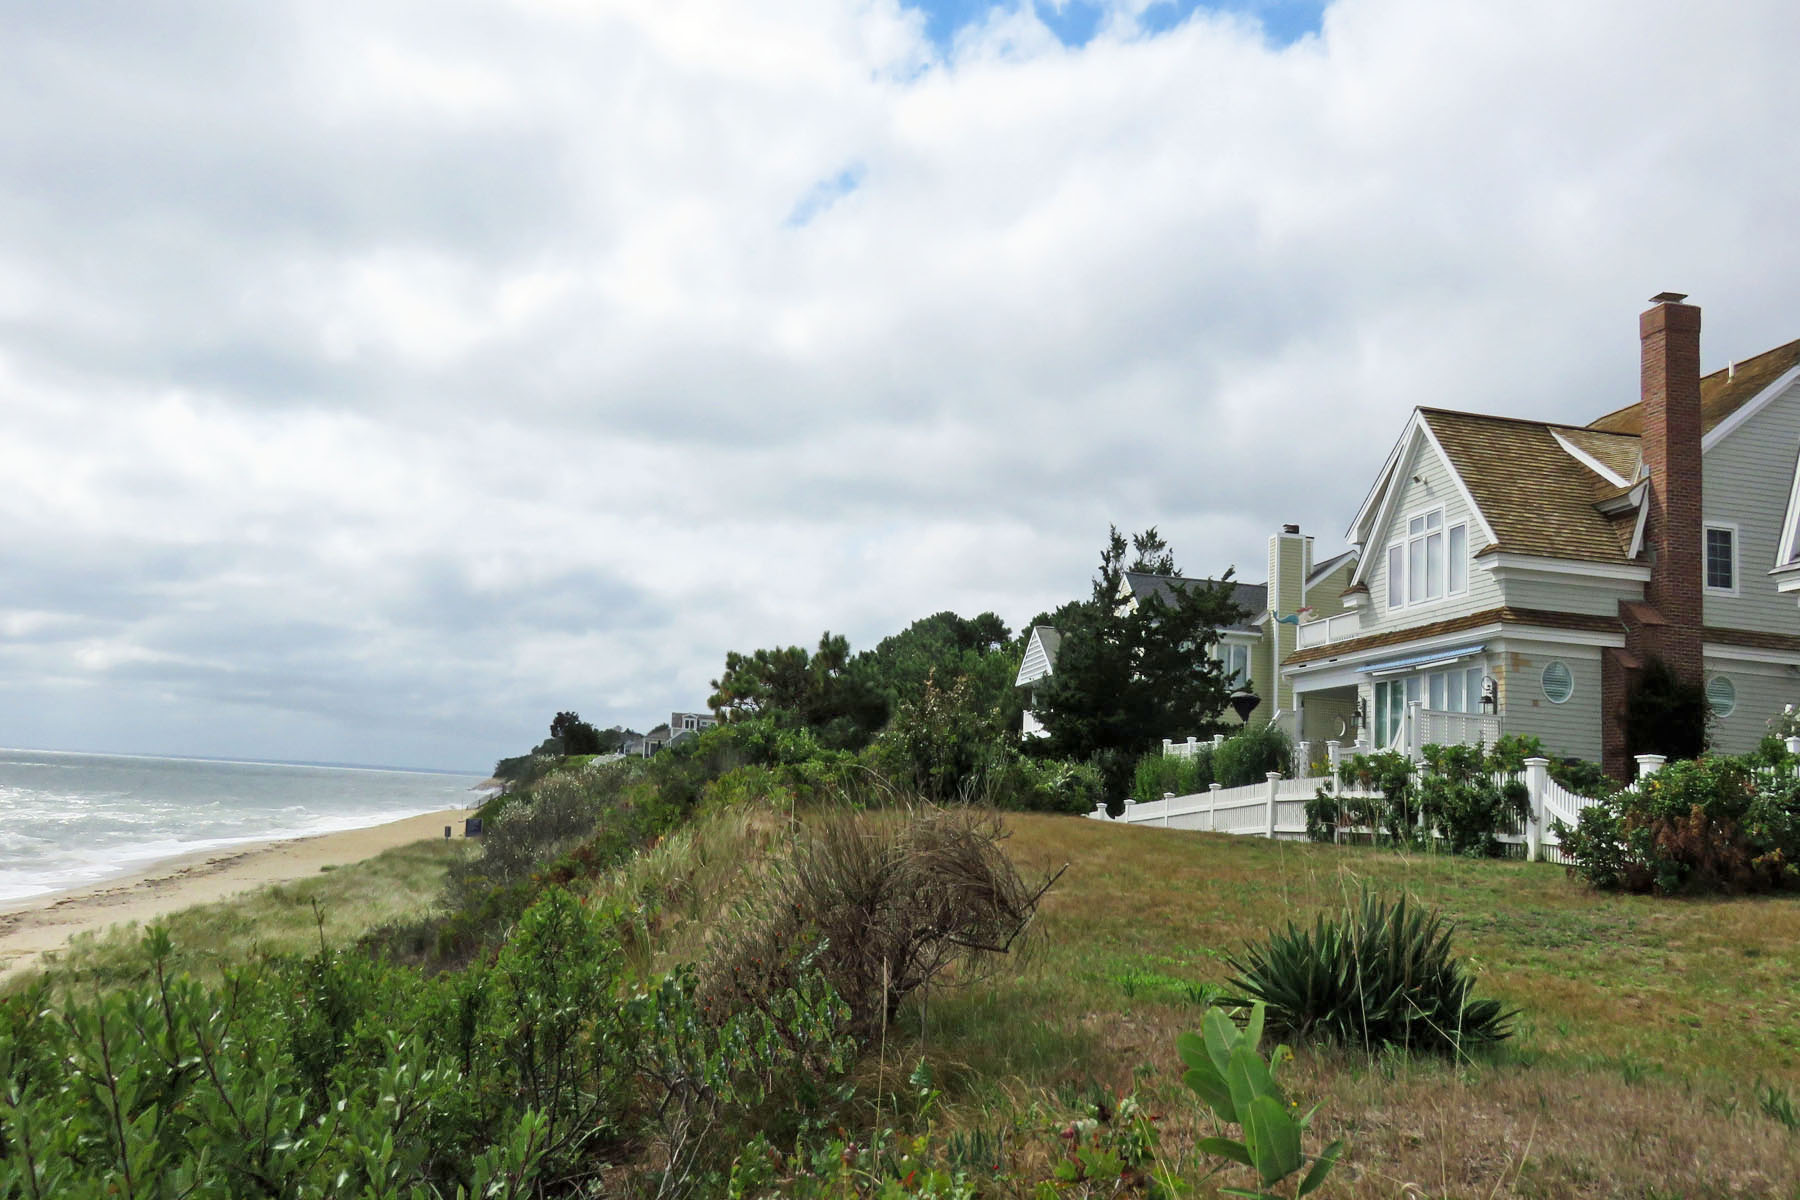 Maison unifamiliale pour l Vente à BEACH FRONT LIVING - JUST IN TIME FOR SUMMER 14 Cross Street Mashpee, Massachusetts 02649 États-Unis